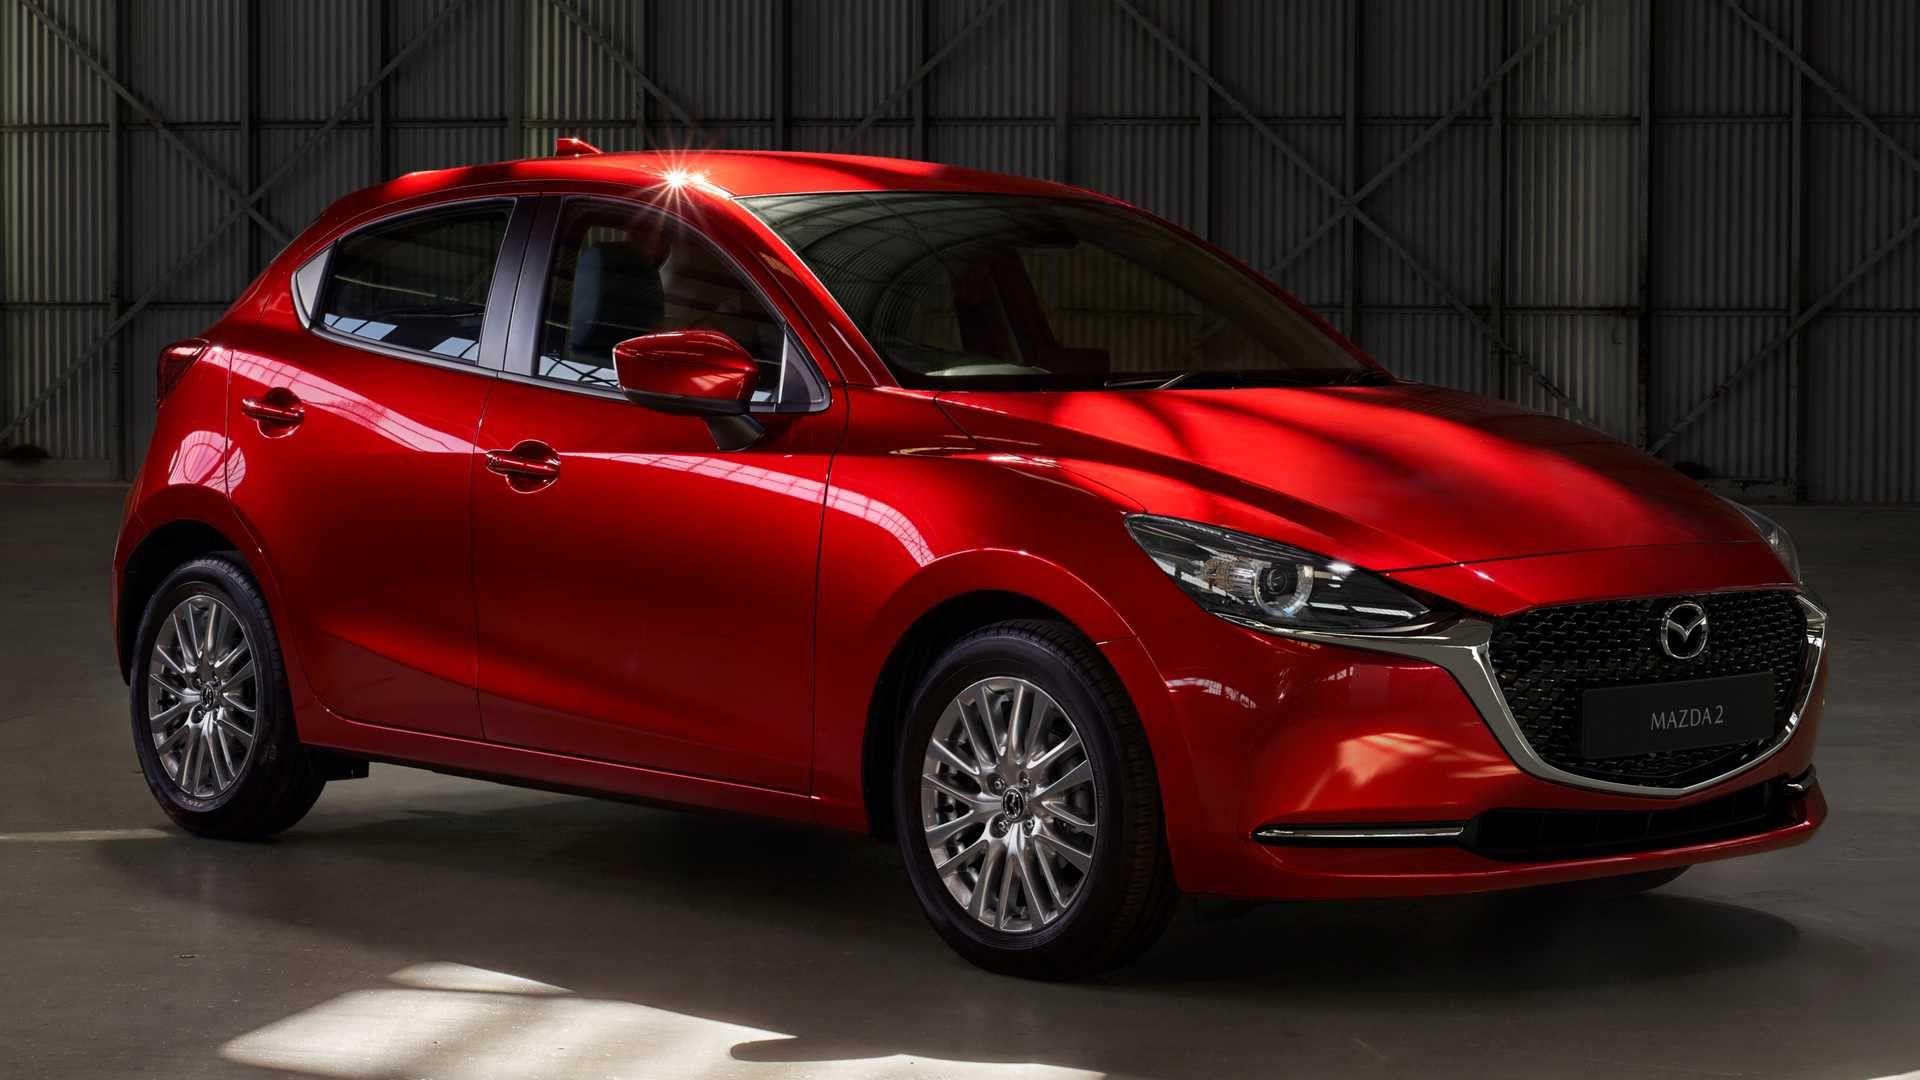 Mazda 2 2020 Release Date New Concept In 2020 Mazda Mazda 2 Hatchback